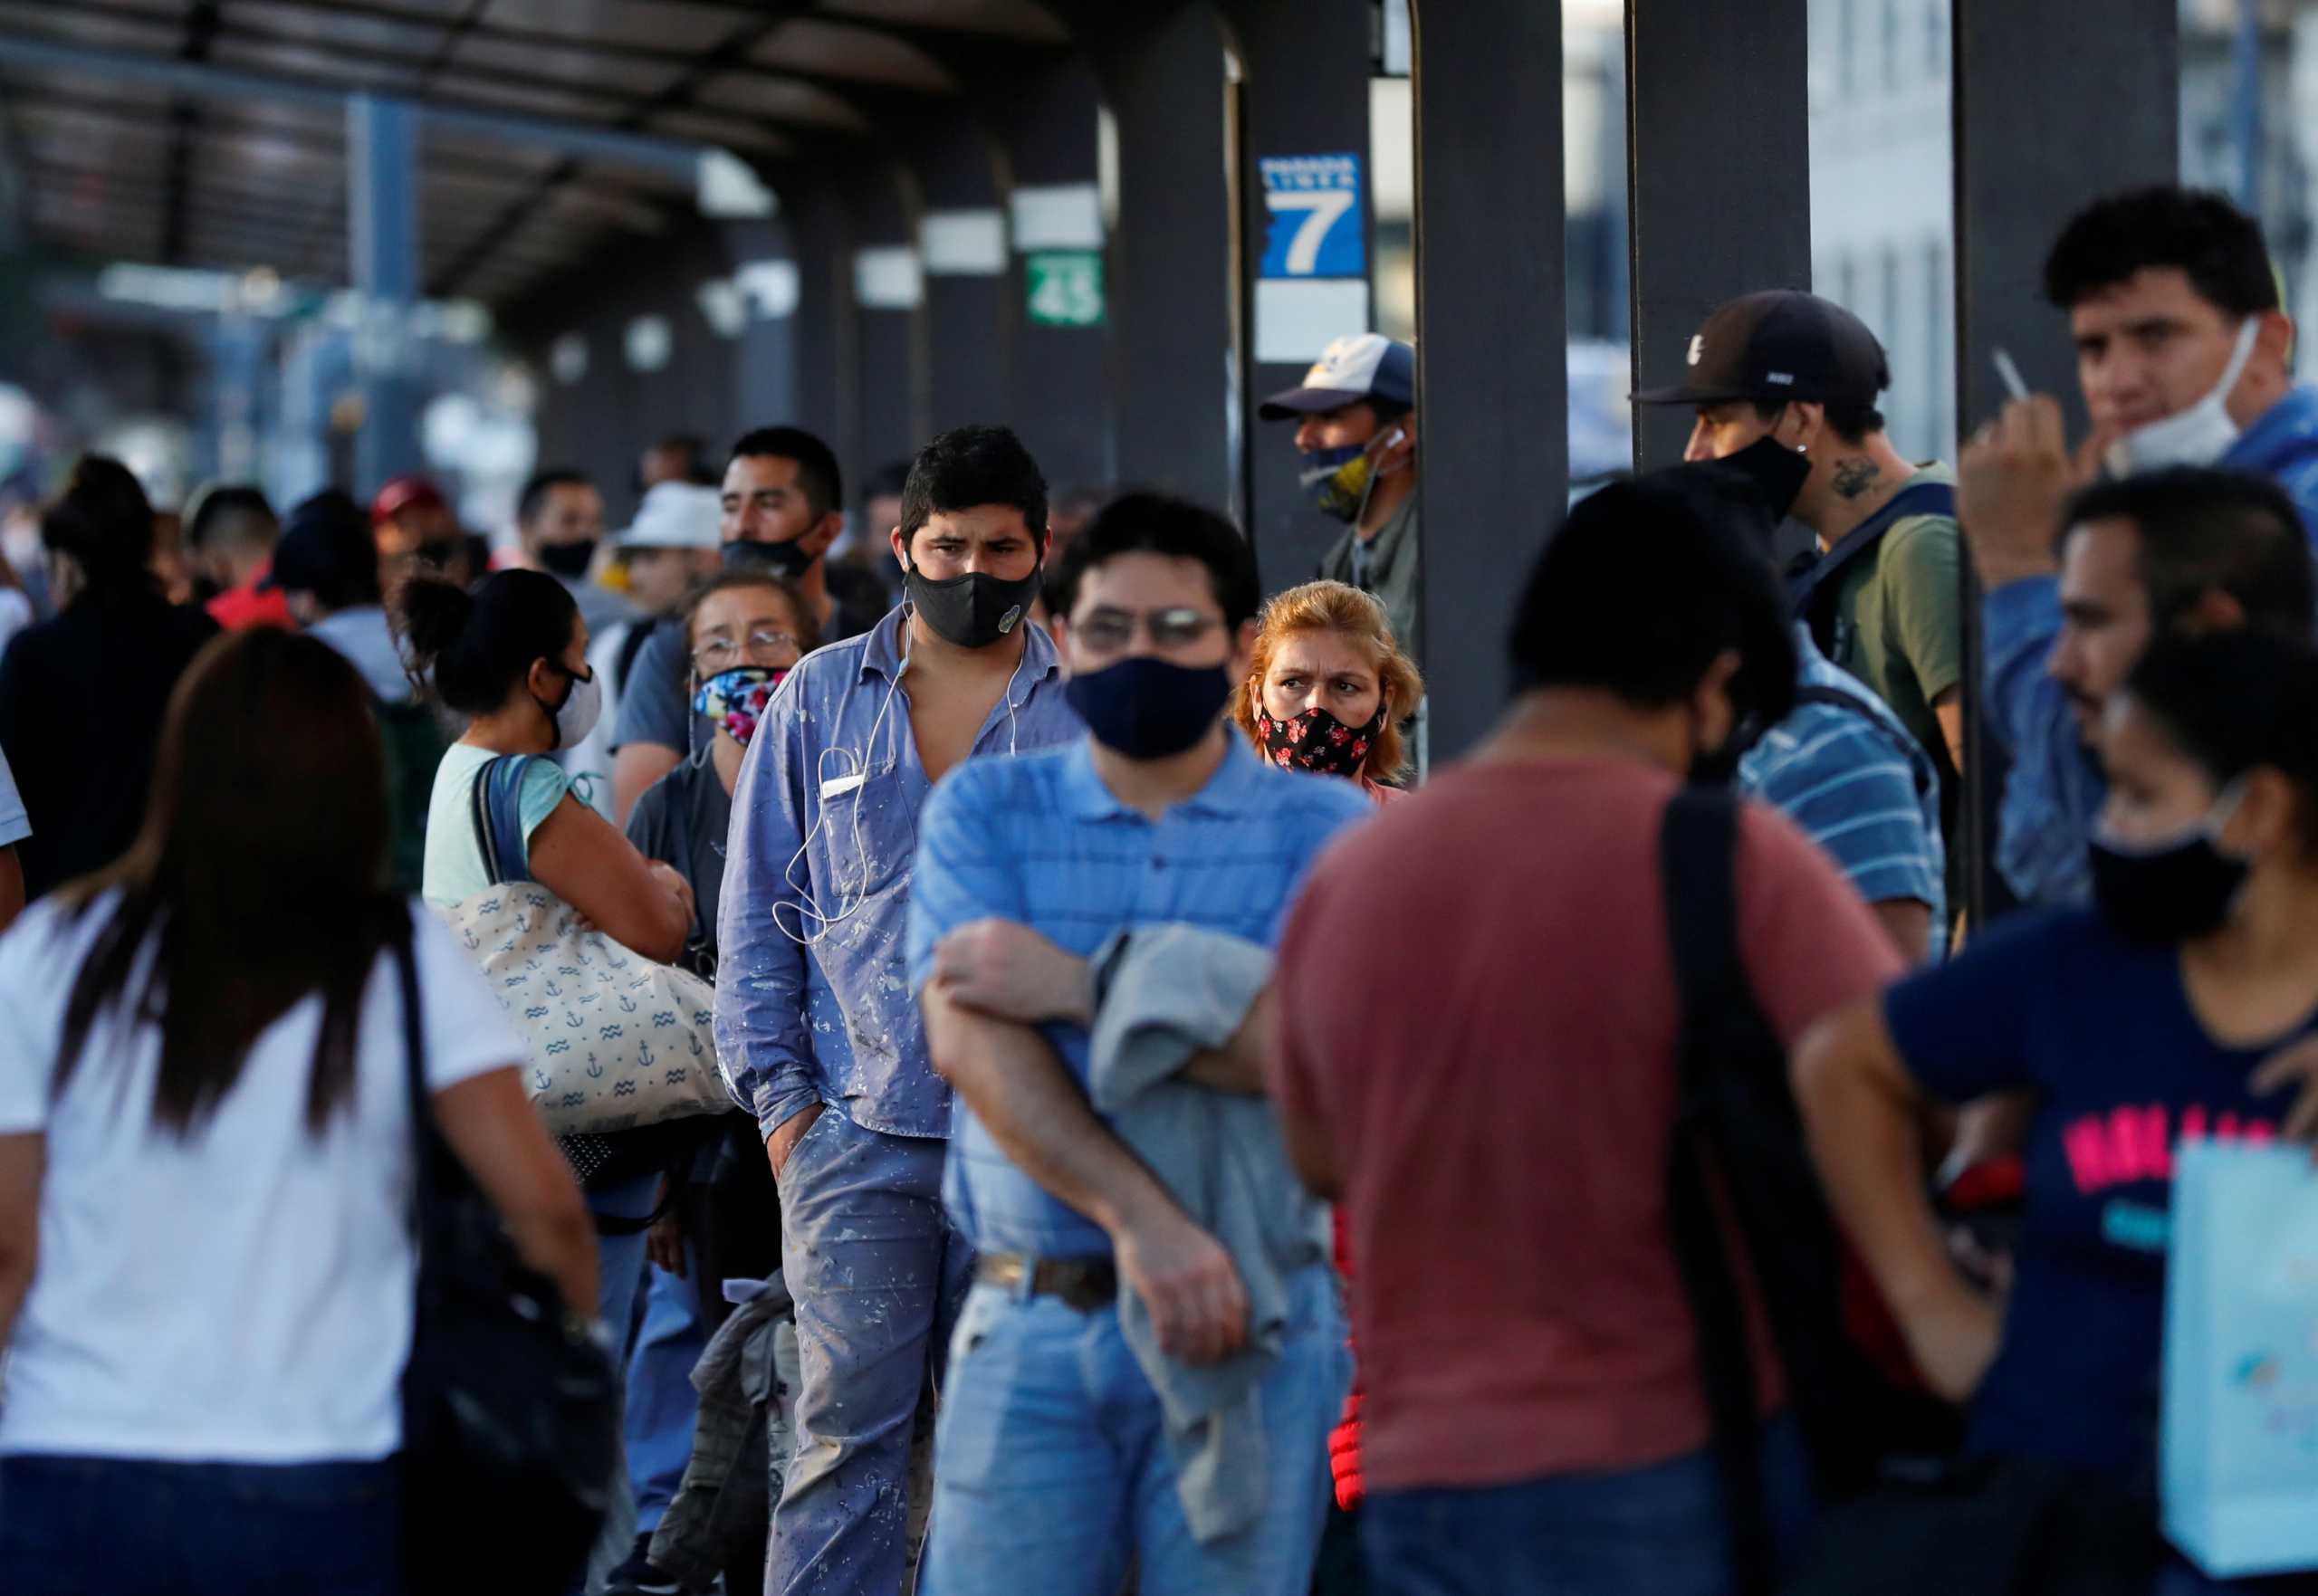 Αργεντινή: Αρνητικό ρεκόρ με 20.870 κρούσματα κορονοϊού σε ένα 24ωρο